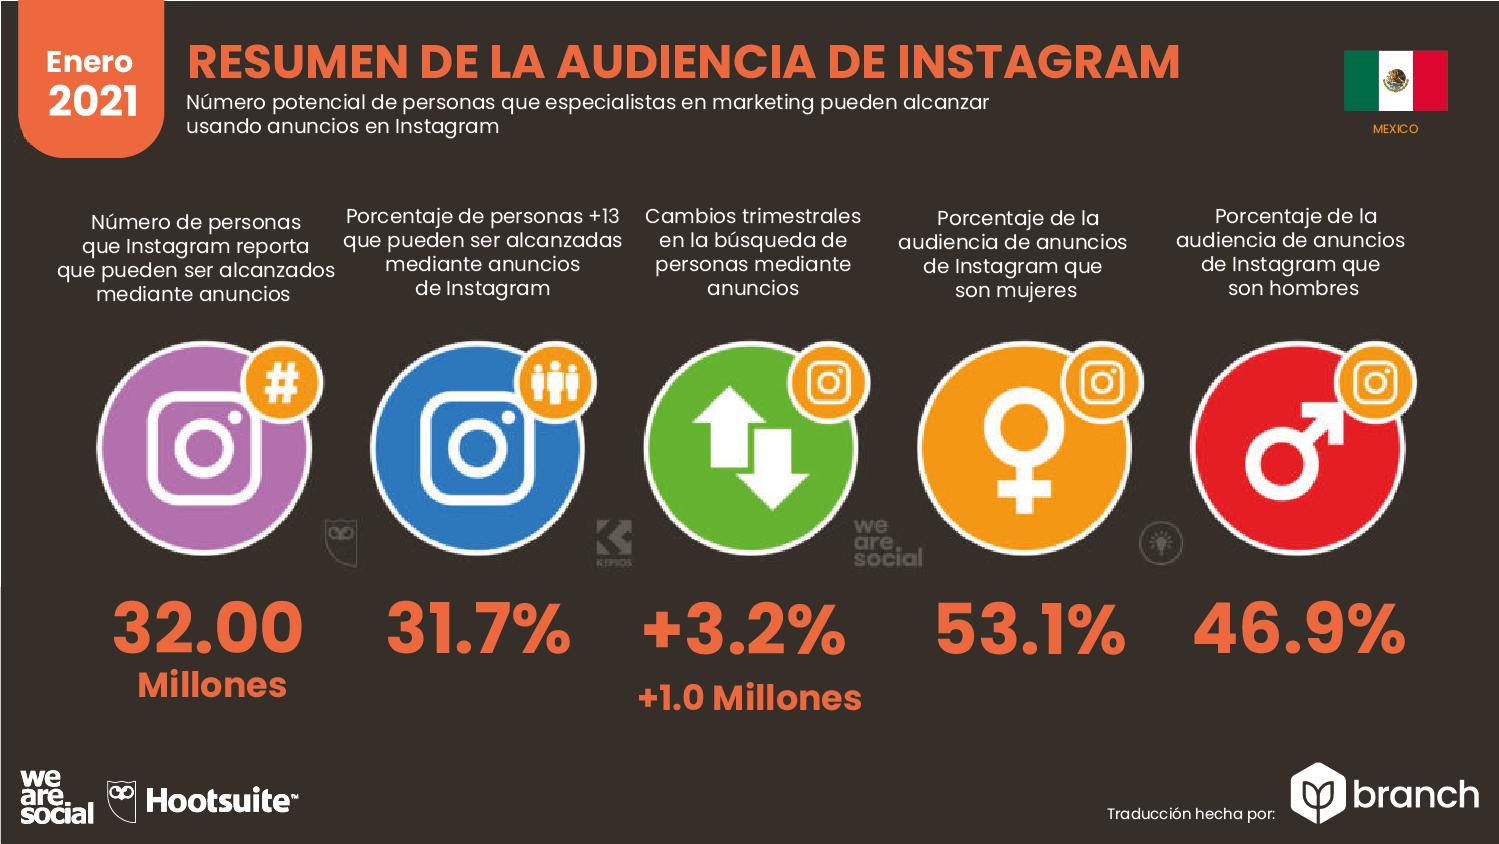 audiencia-de-instagram-en-mexico-2020-2021